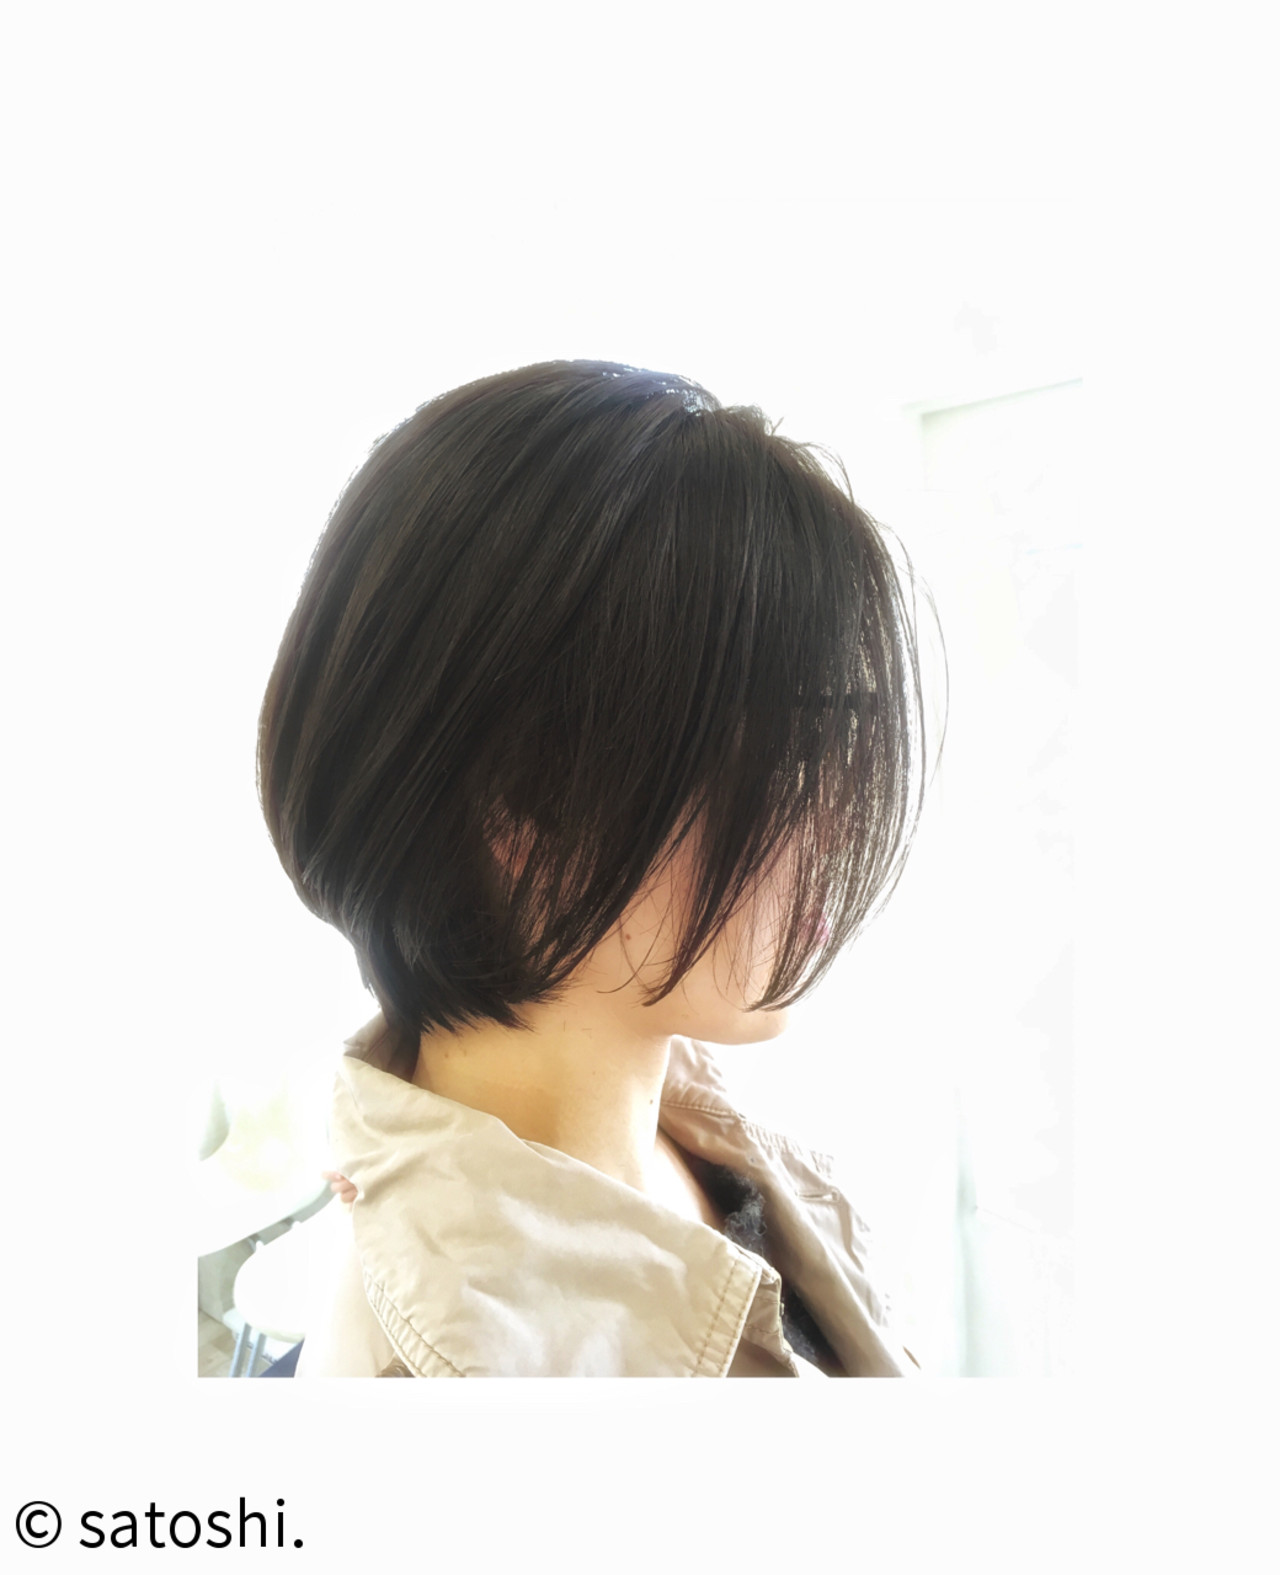 黒髪 ボブ センターパート 大人女子 ヘアスタイルや髪型の写真・画像